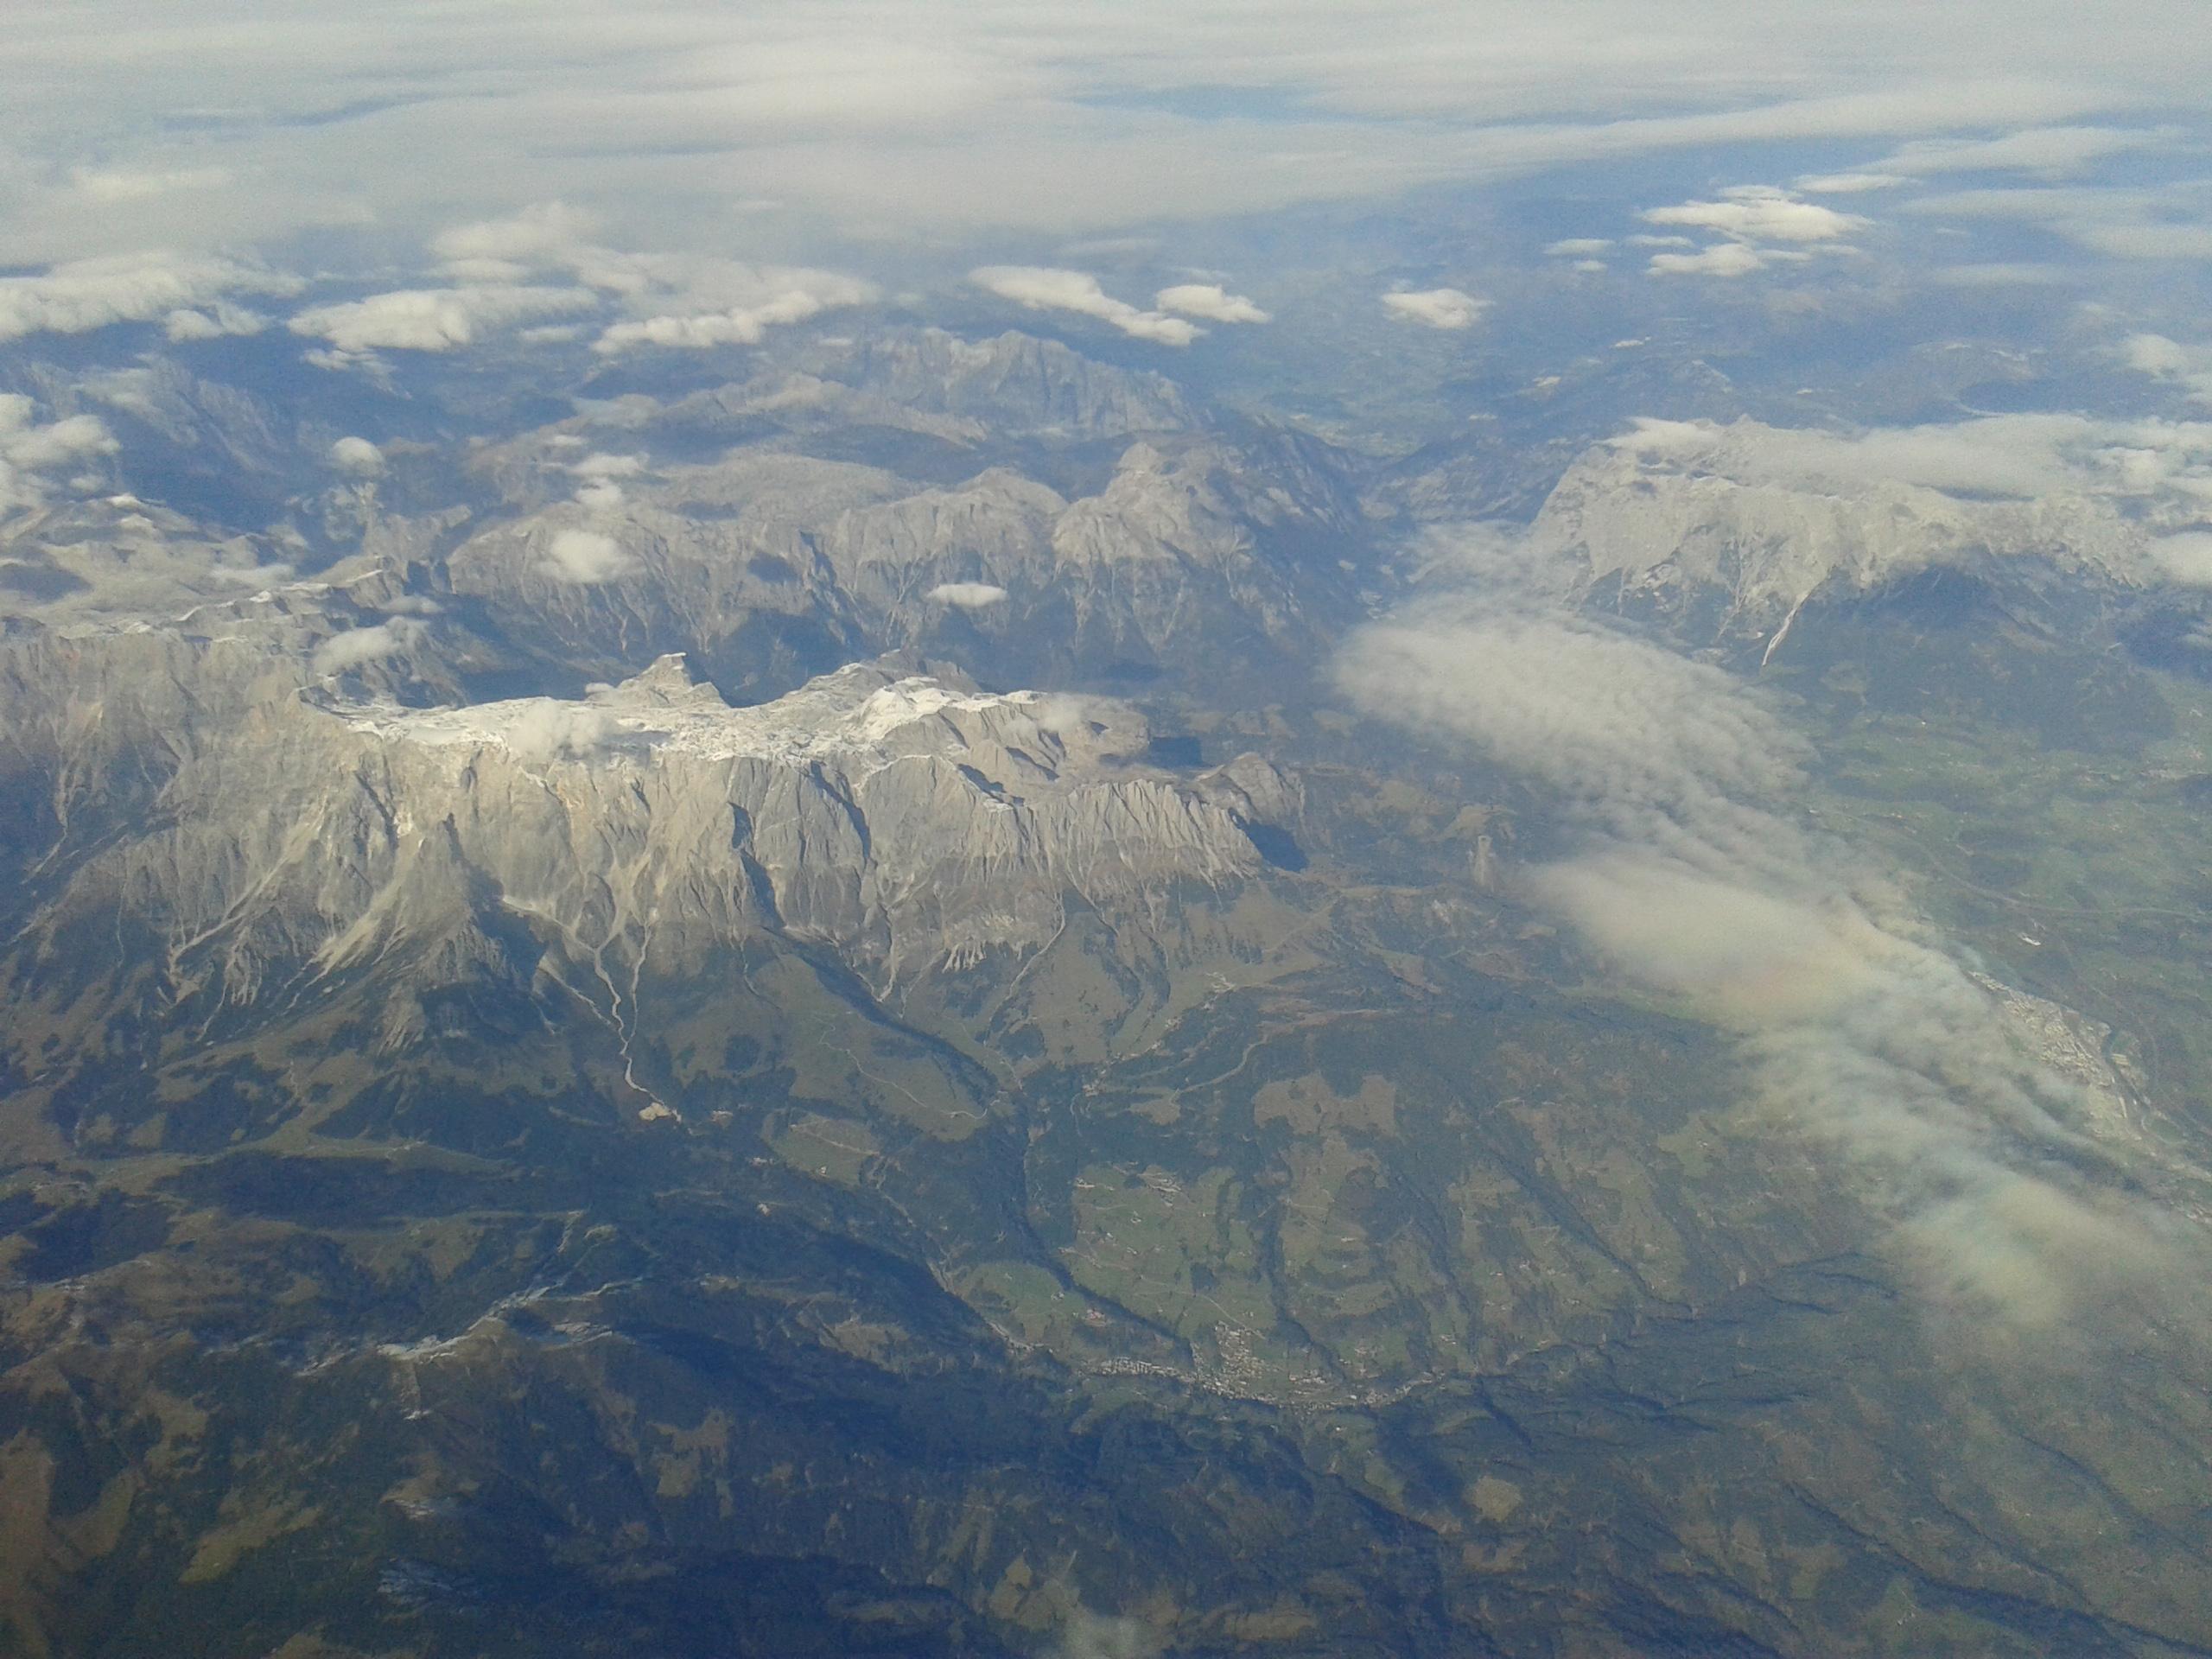 Ezt még feltétlenül meg akartam mutatni, bár már utnam több képet feltölteni, úgyhogy ez az utolsó. Na de ez... A gépből fozóztam, azt a hegyet nézzék, ott: valami hatalmas plató. Szerintem Ausztria fölött járhattunk épp.